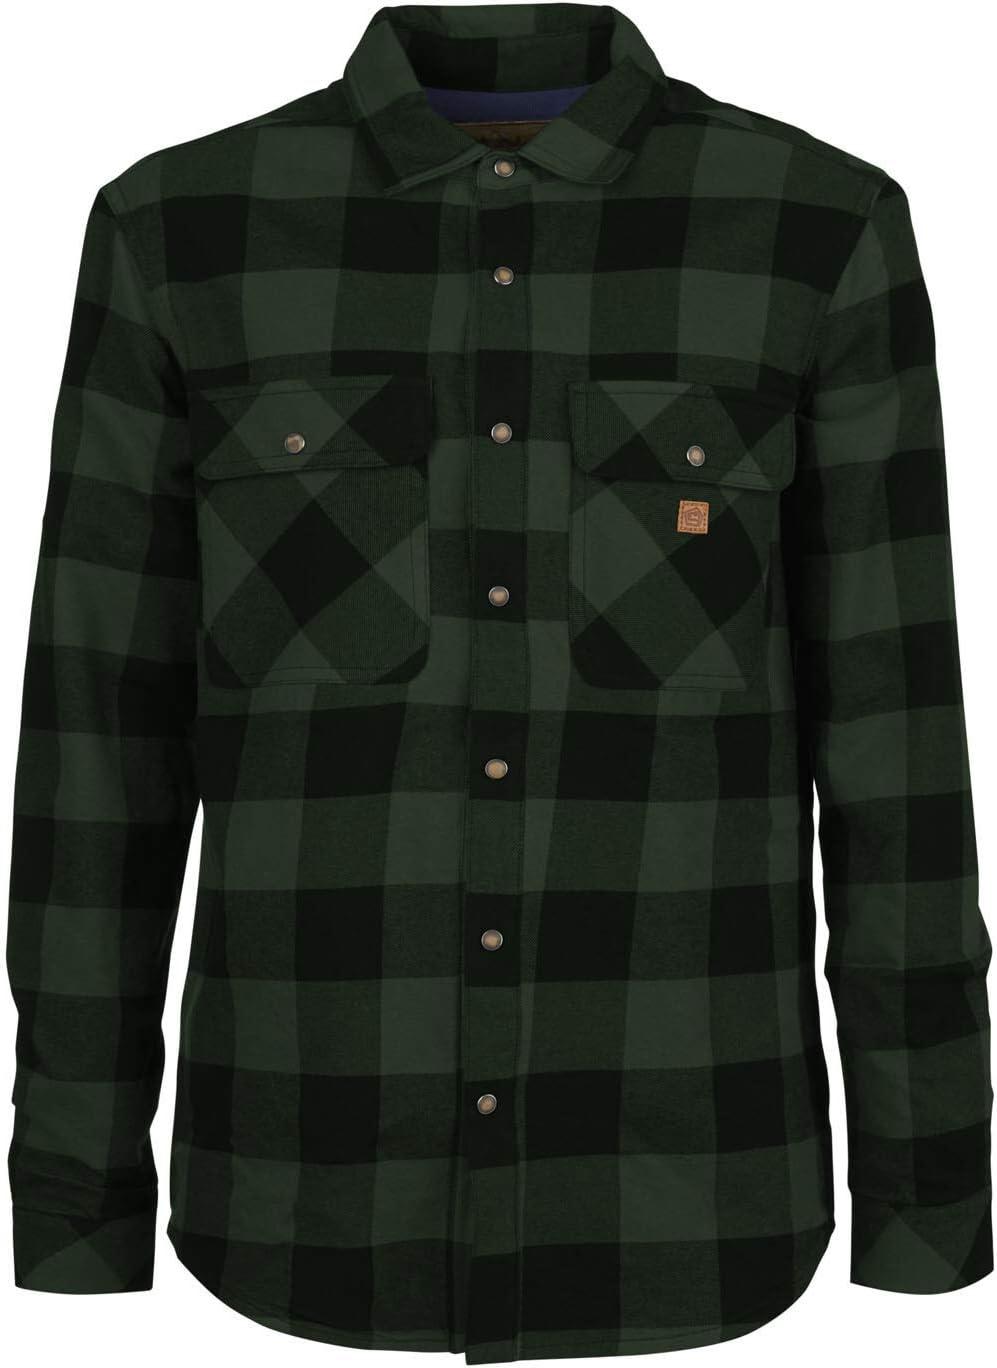 E9 Enove Ciro - Camisa de hombre a cuadros verde Check Shirts Green